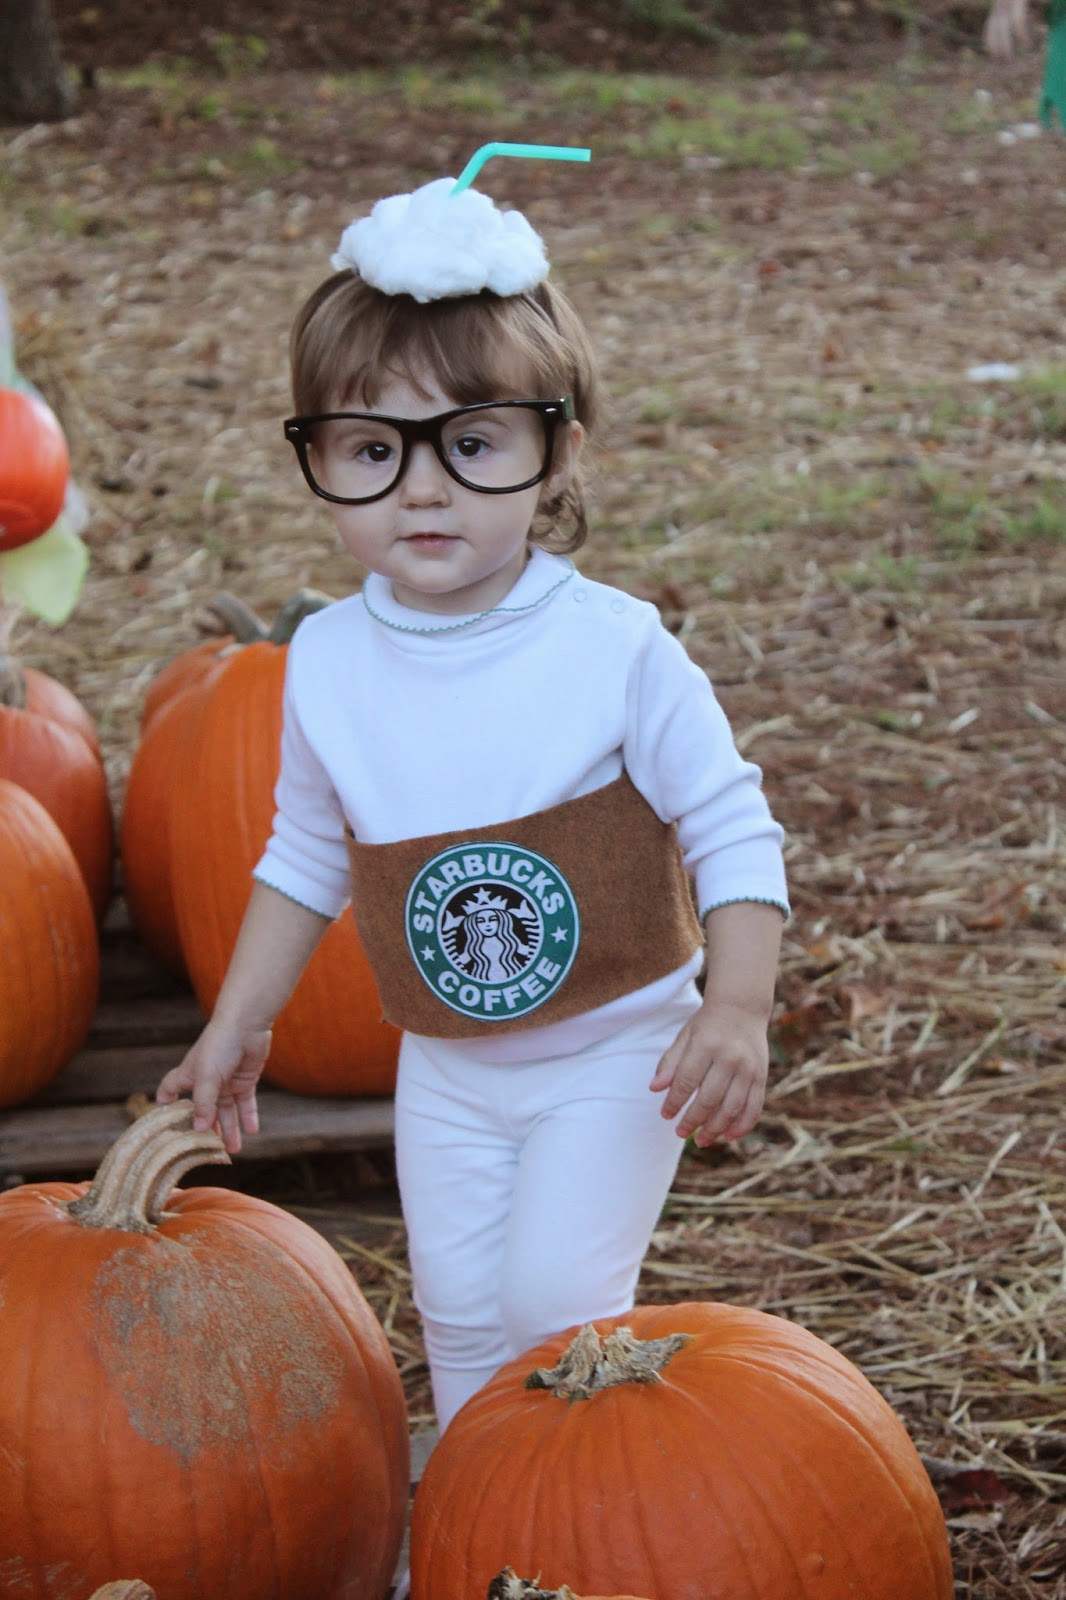 Diy Starbucks Cup Halloween Costume